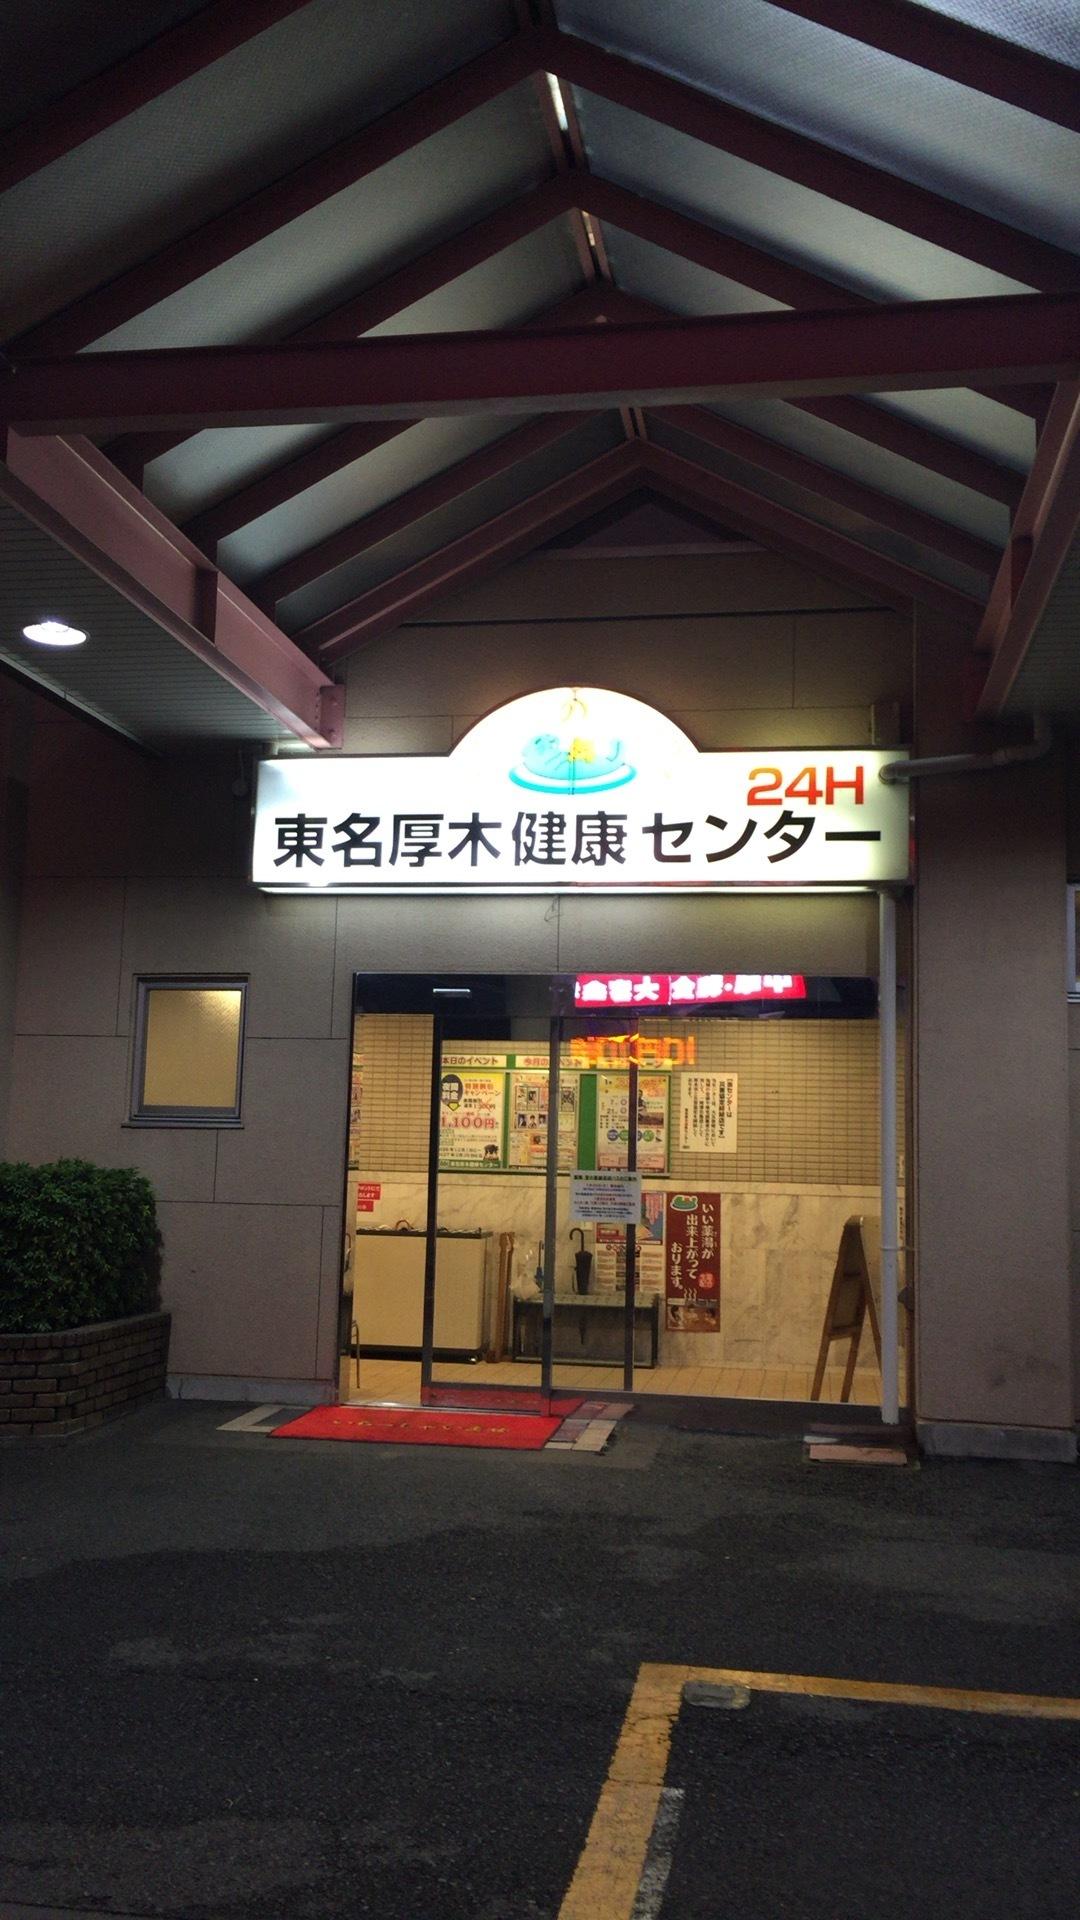 東名 厚木 健康 センター